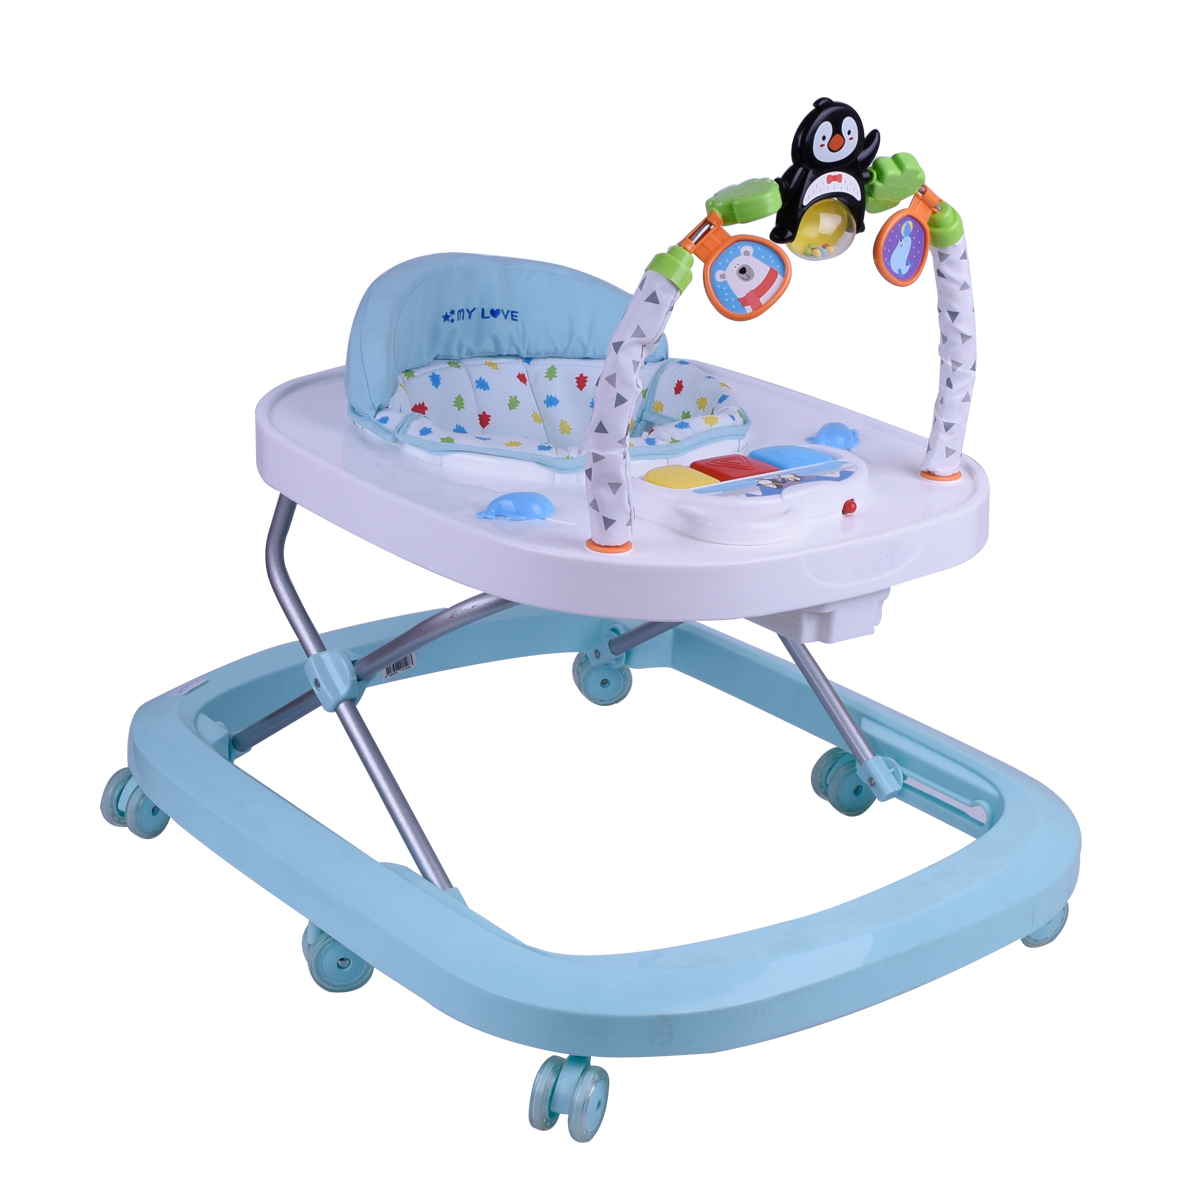 مشاية اطفال بعجلات متحركة  - رقم BW1506